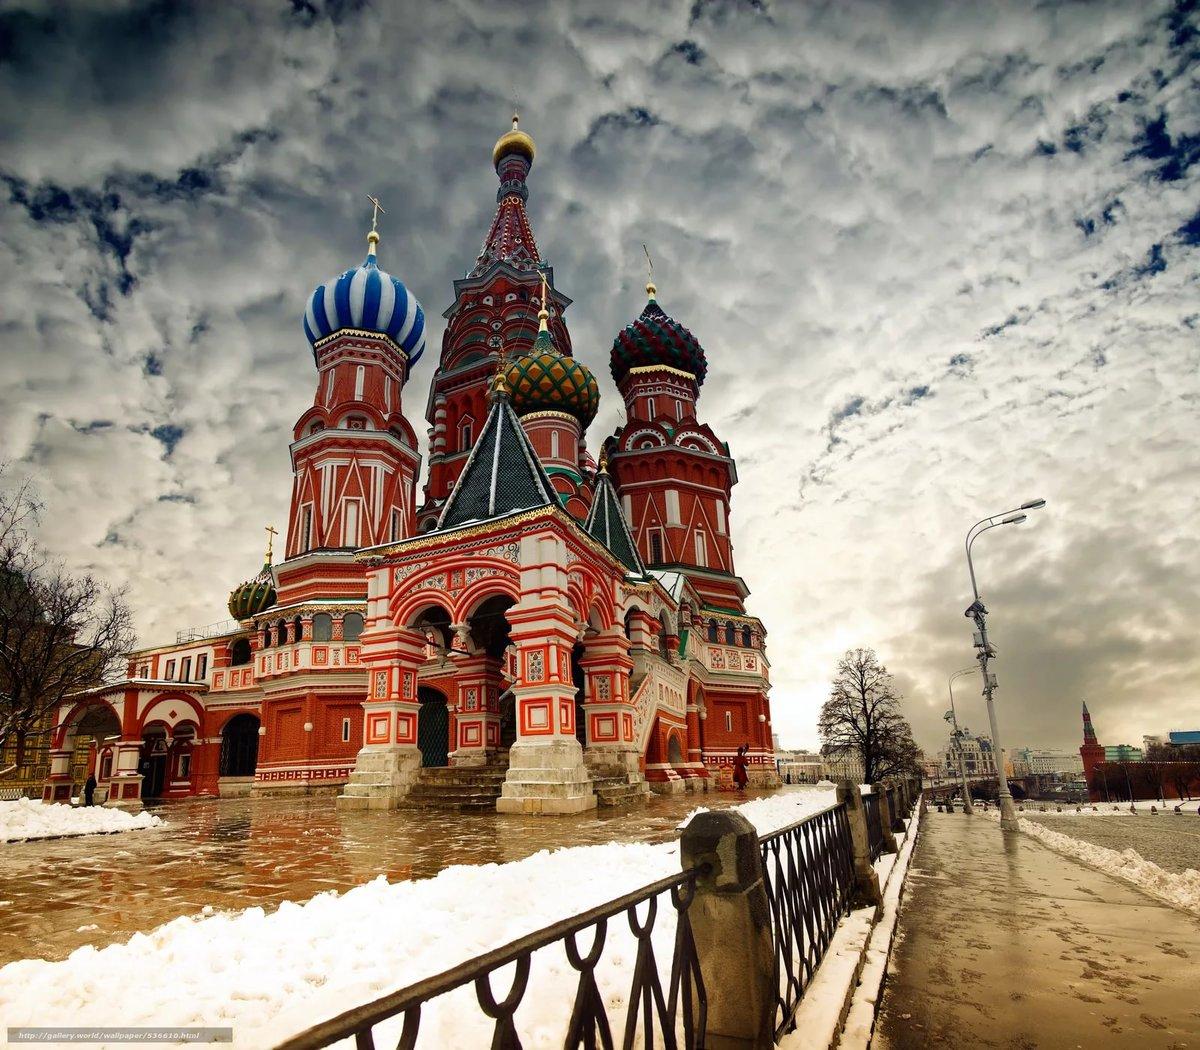 Сколько стоит открыть фотостудию в москве отметить